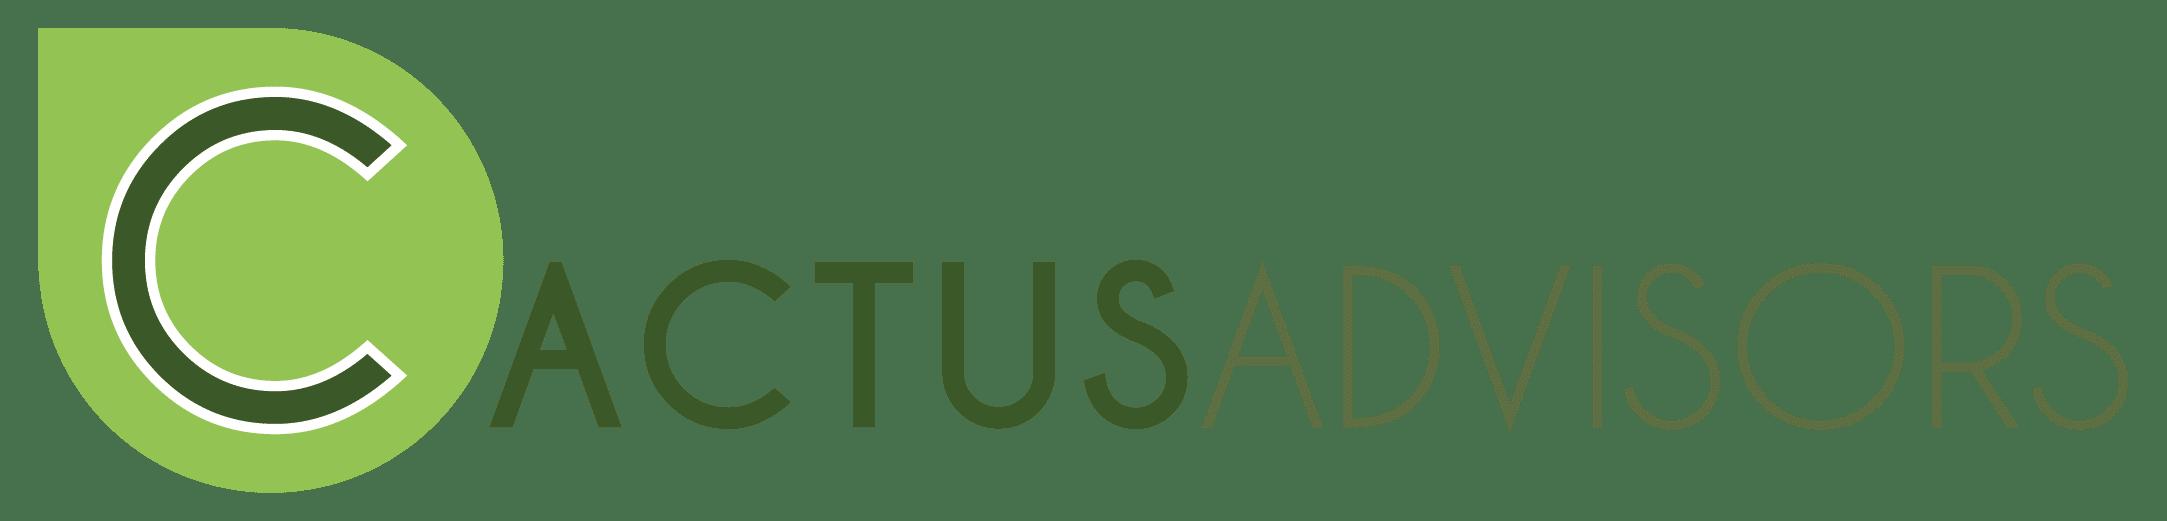 Cactus-Advisors-Logo-Hi-Res